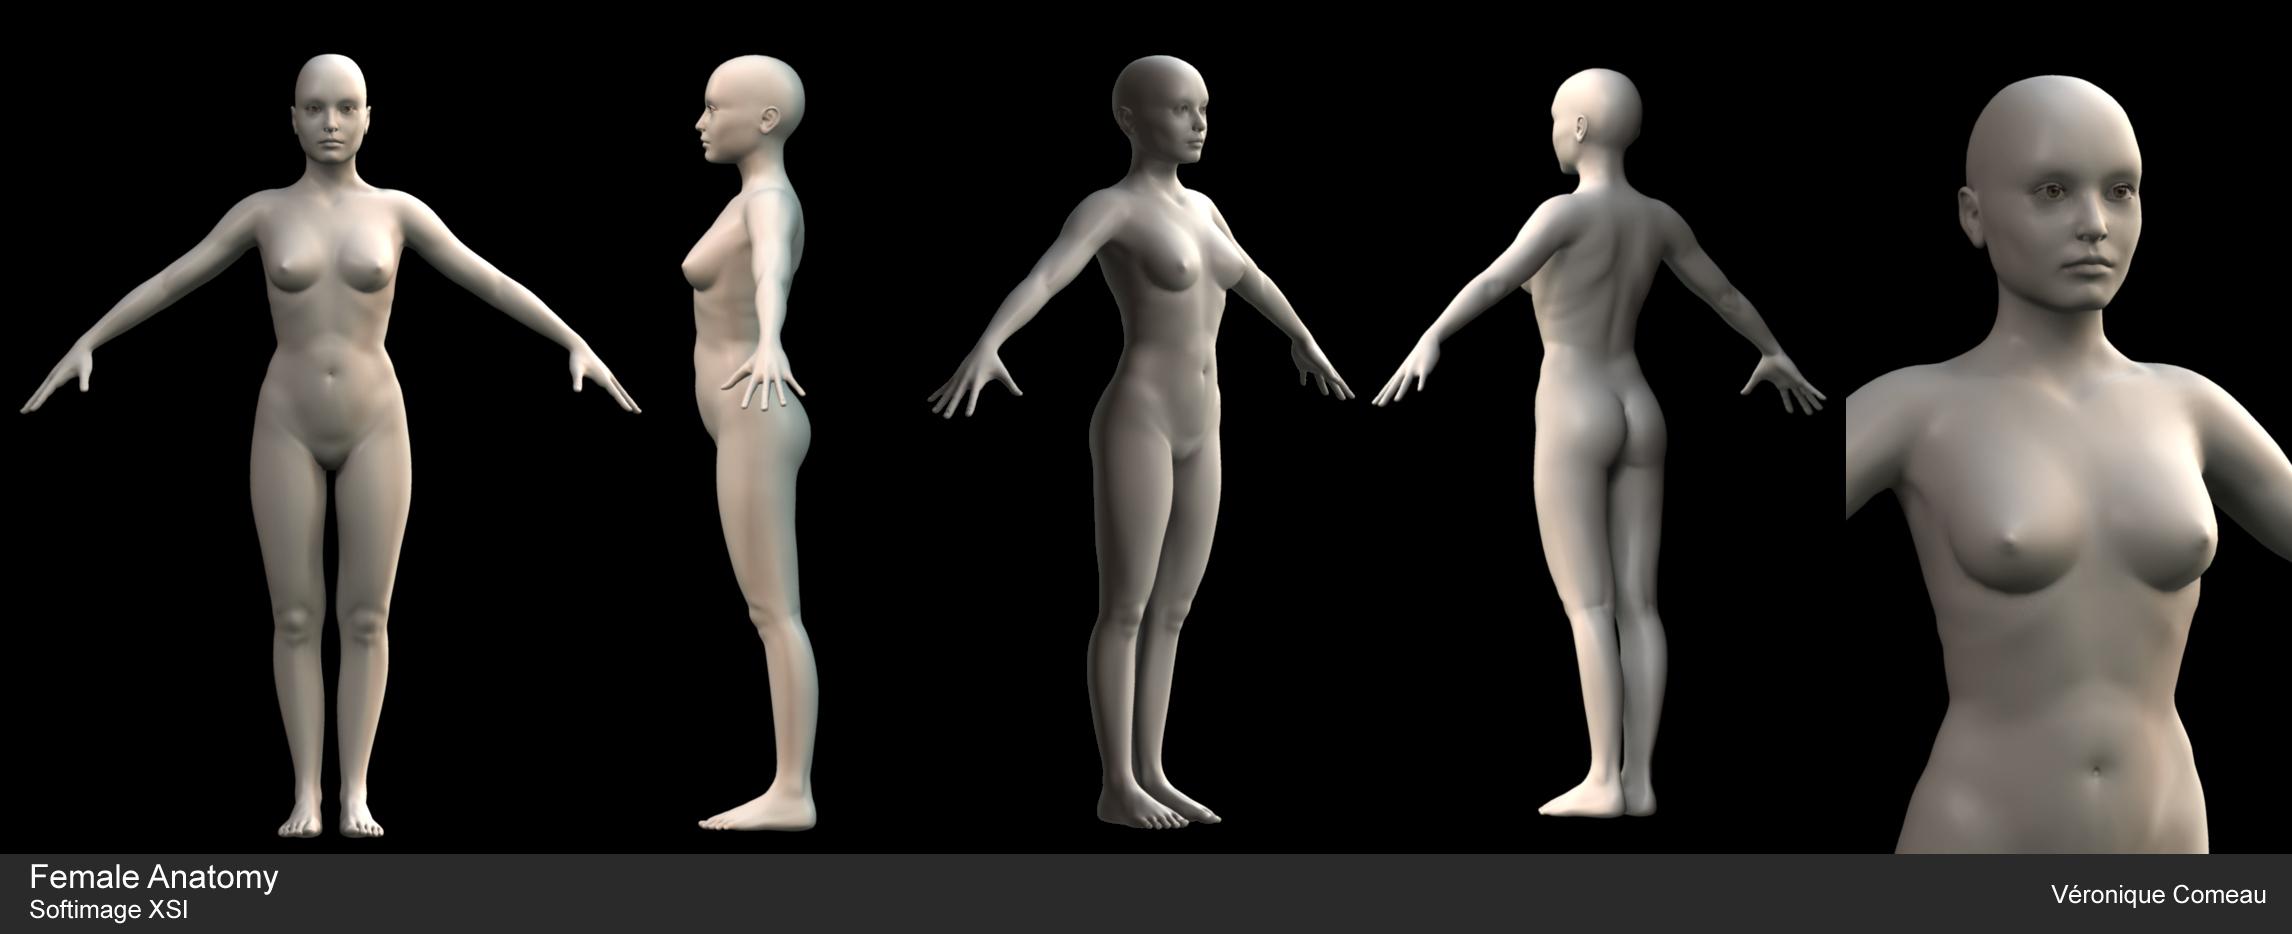 Female Anatomy by Verokomo